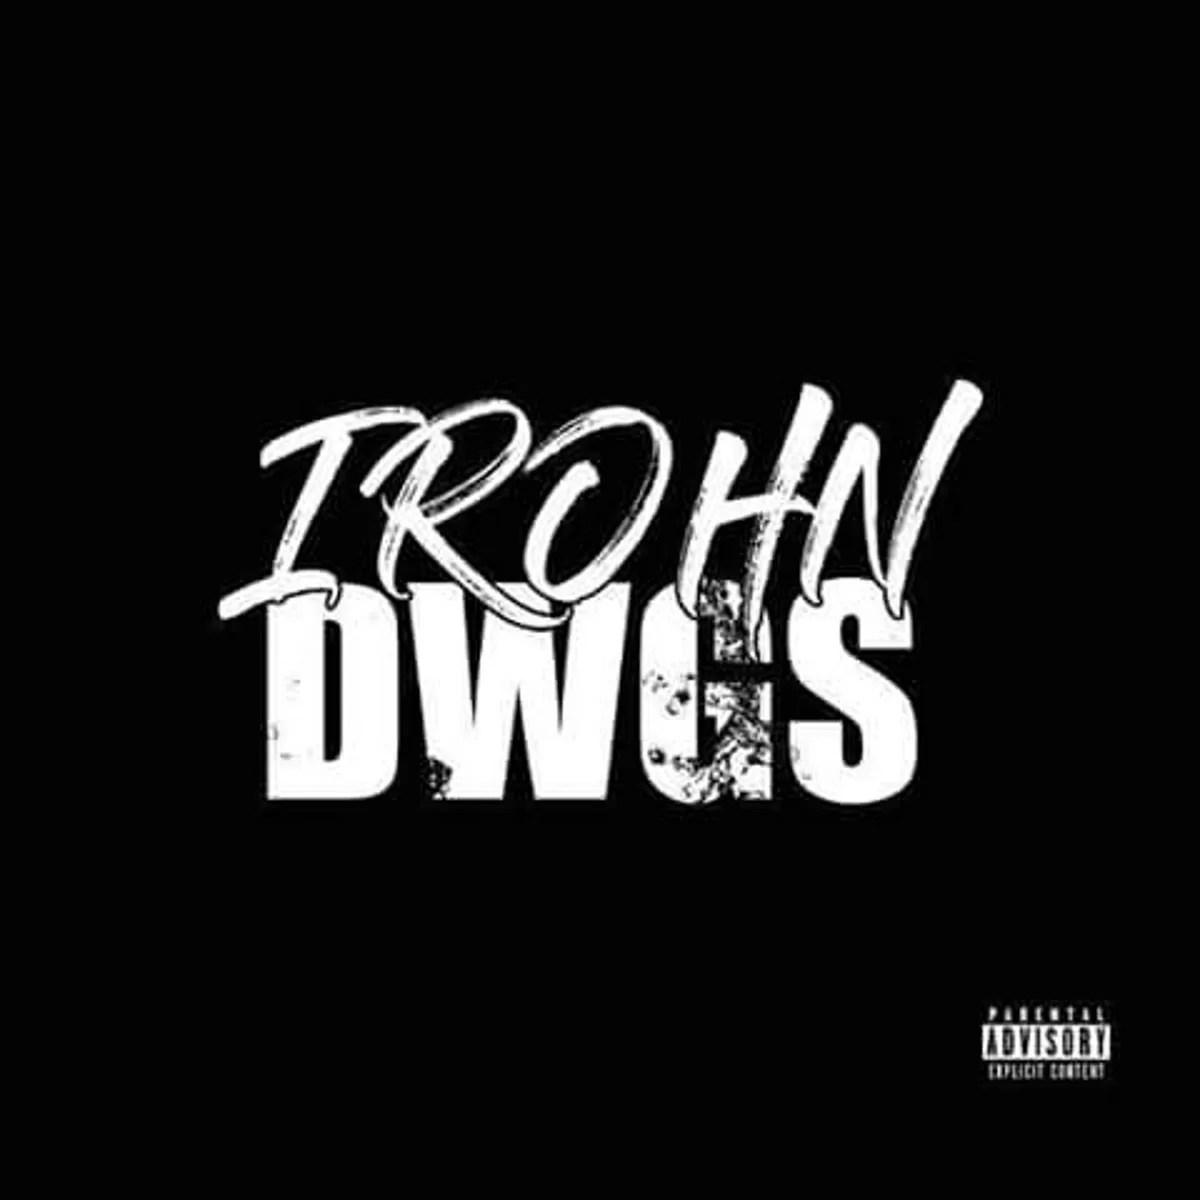 IRohn Dwgs - Evil Gqom III